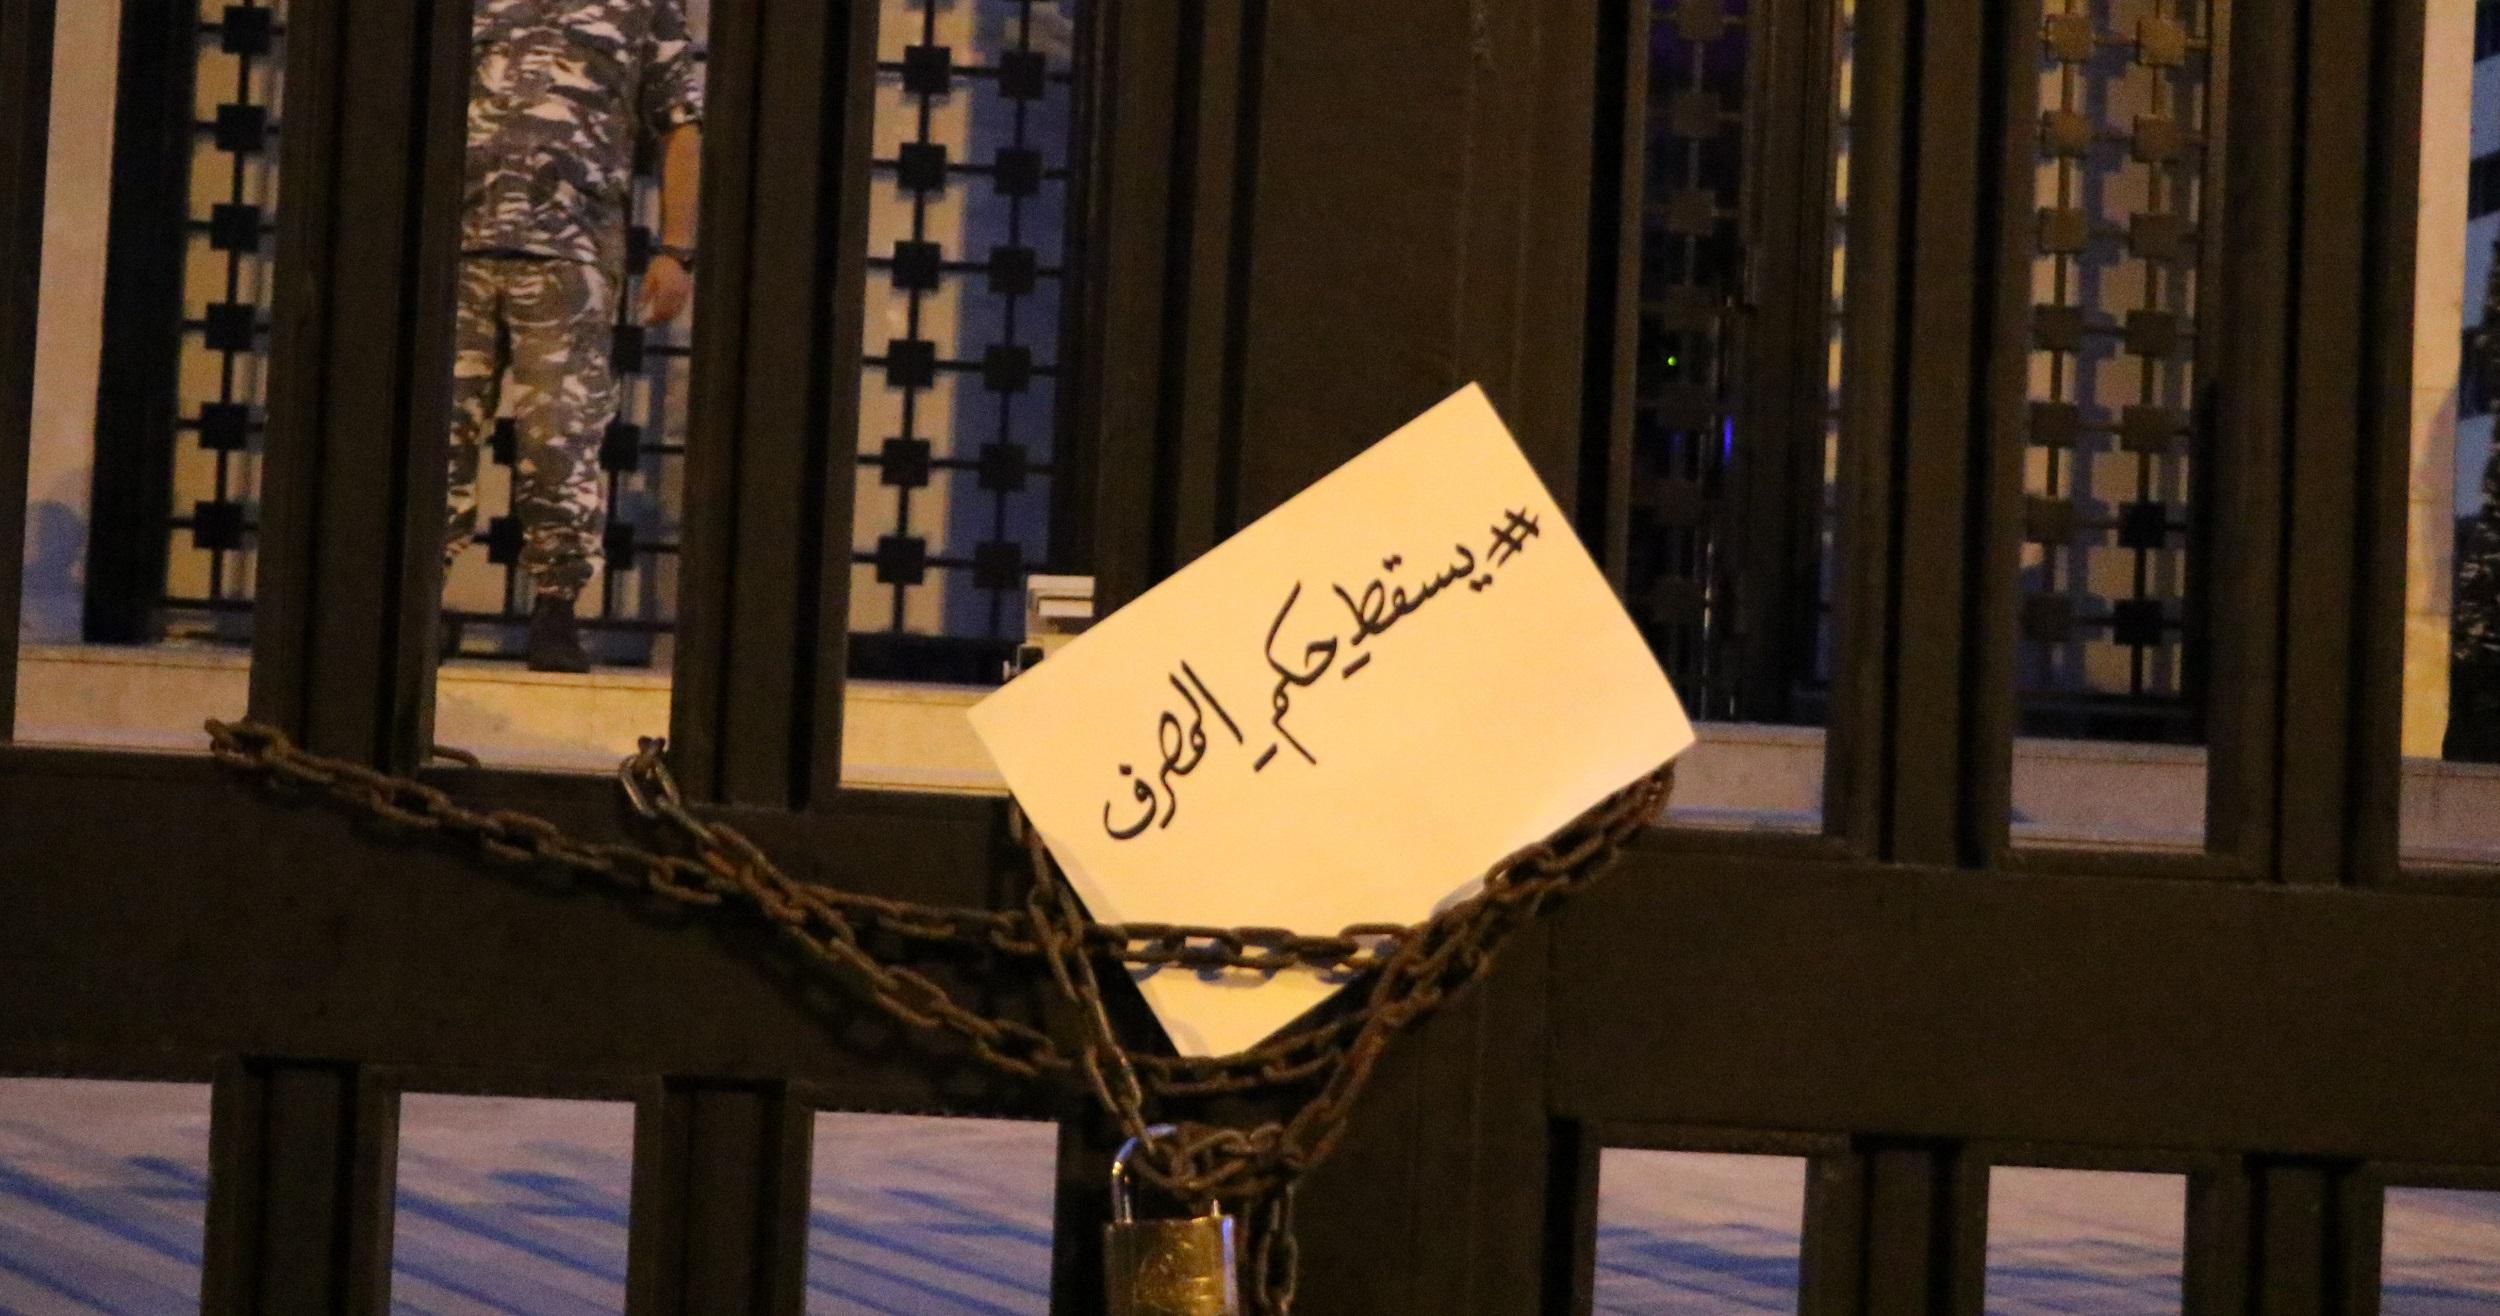 ستّ ملاحظات حول كتاب هيئة التحقيق الخاصة في مصرف لبنان: قرار بمثابة إقرار بالفشل الذريع